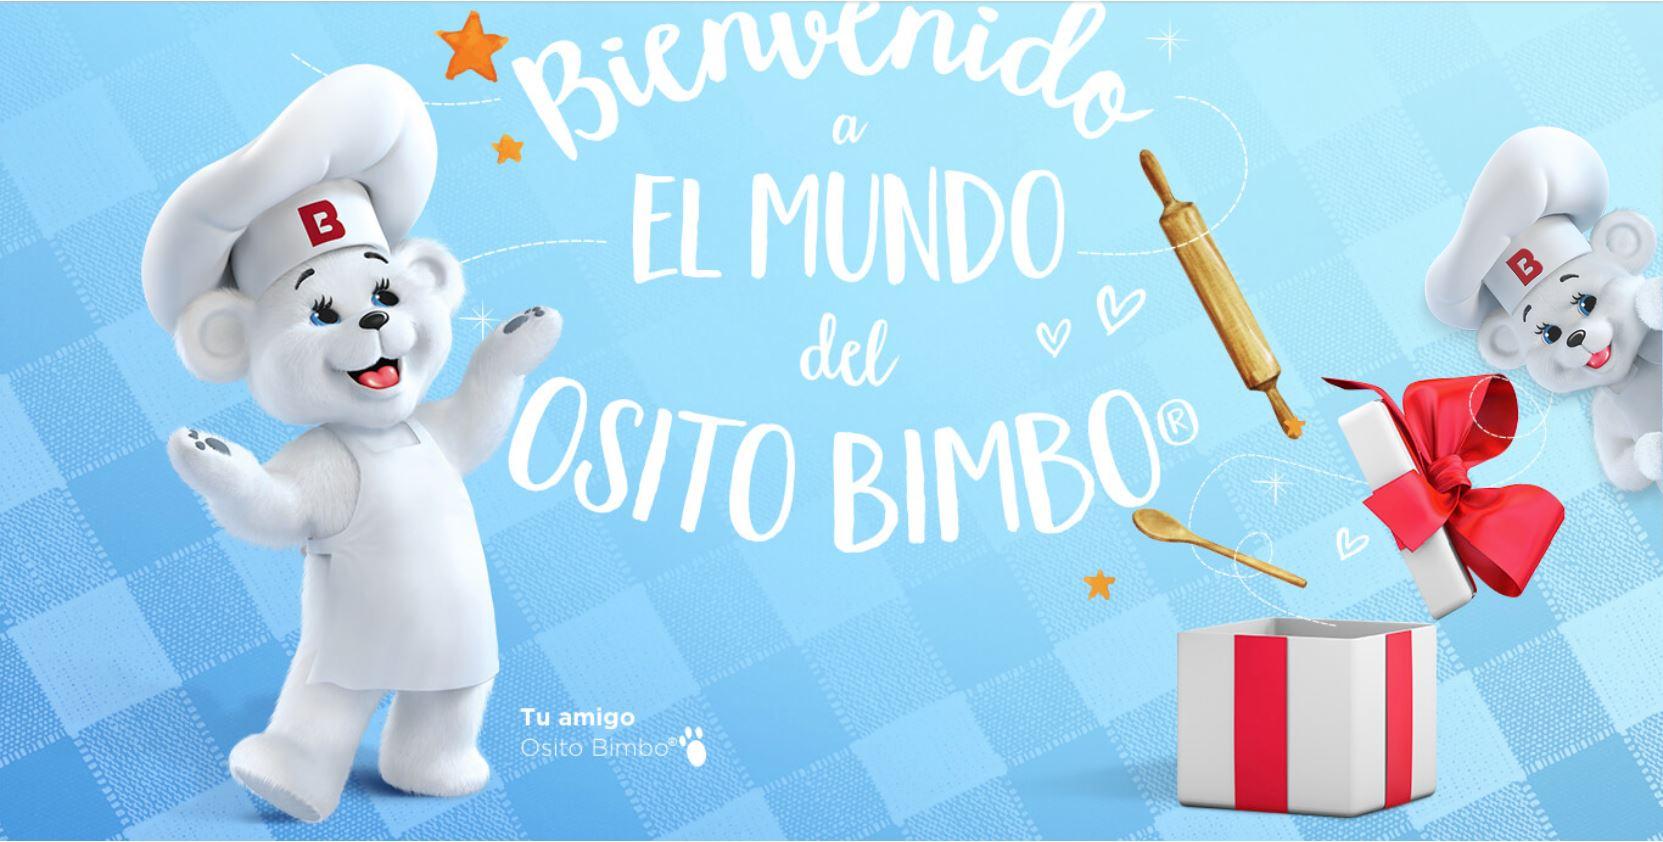 Promoción El Mundo Del Osito Bimbo 2020 Registra El Código Y Canjea Premios En Elmundodelositobimbo Com Promochollos